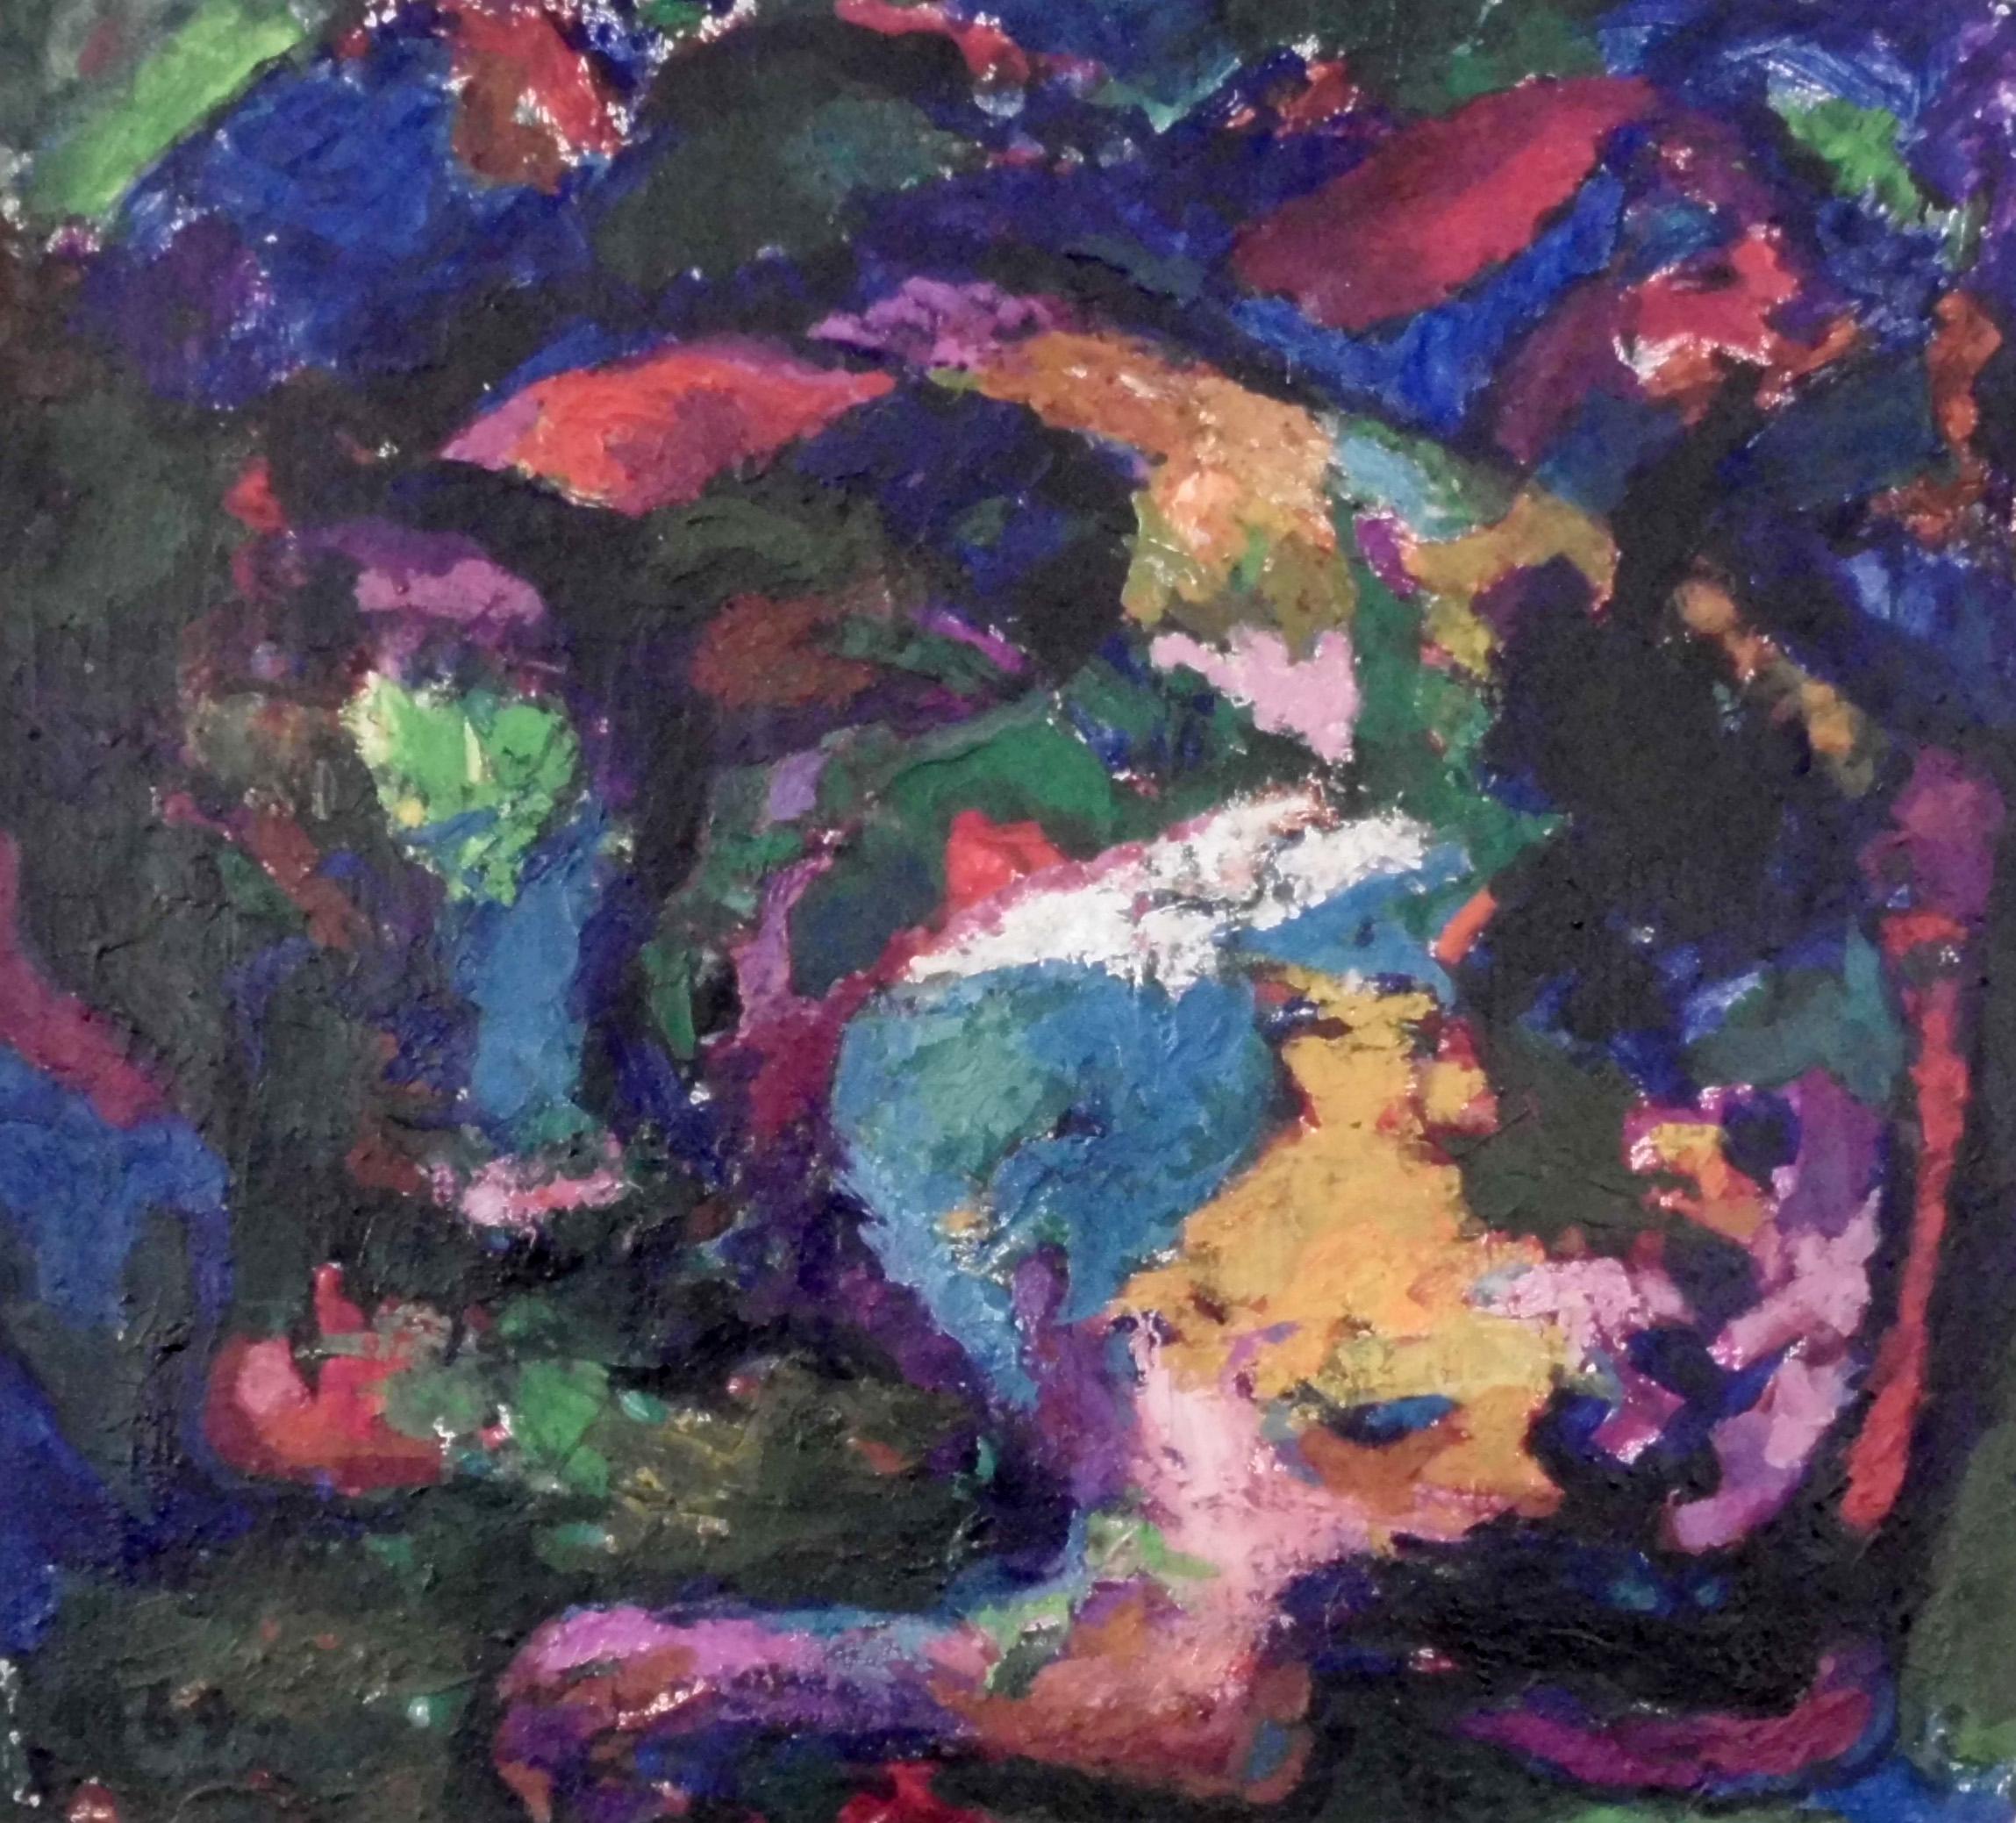 10-ursula_rzodeczko-das_kaelbchen-1969-oel_auf_leinwand-50x55